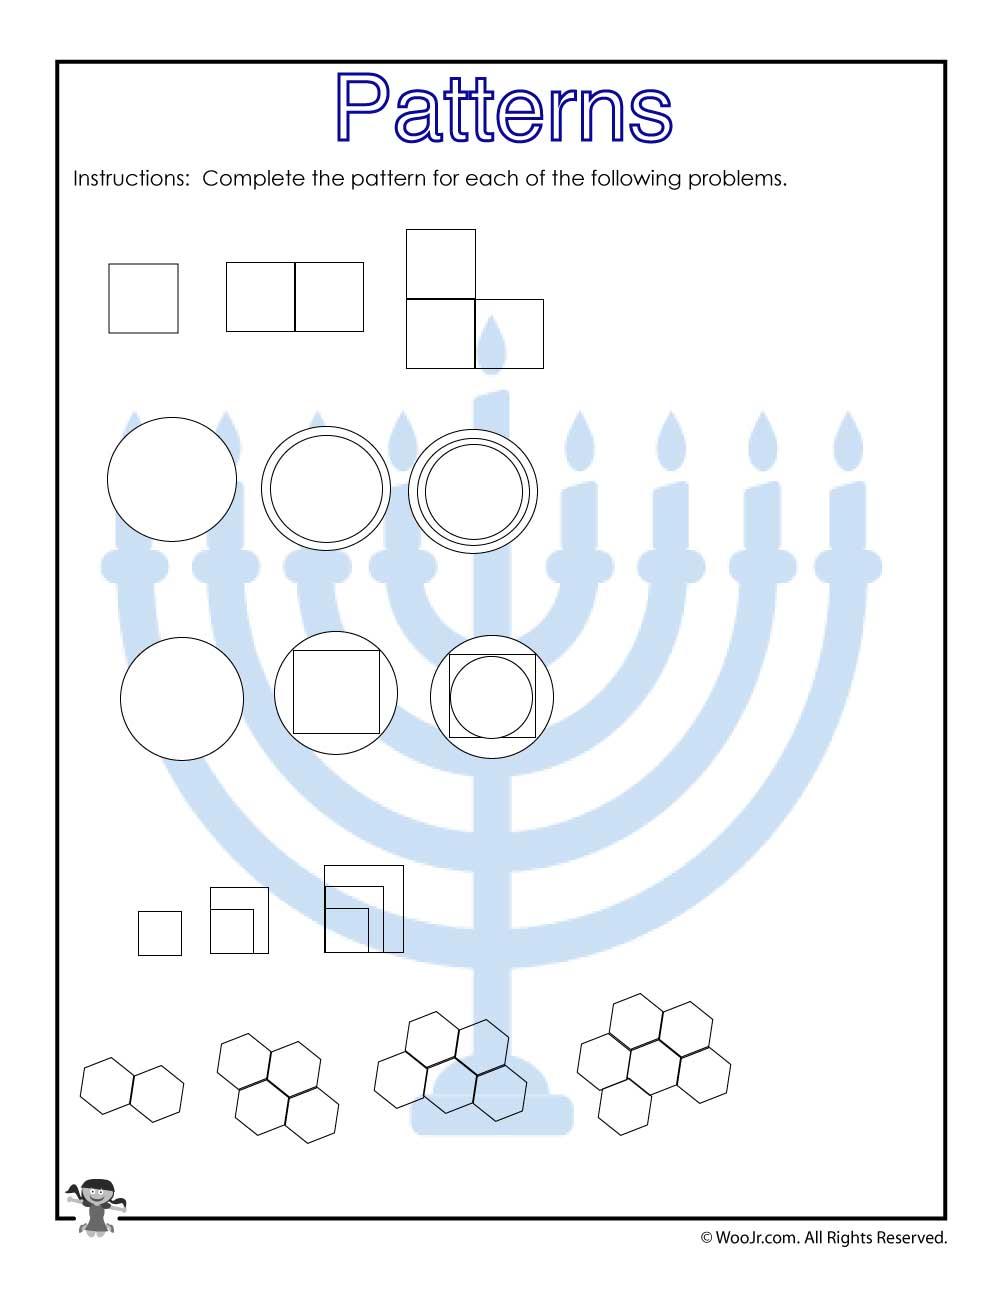 visual pattern prediction worksheet for 3rd grade woo. Black Bedroom Furniture Sets. Home Design Ideas